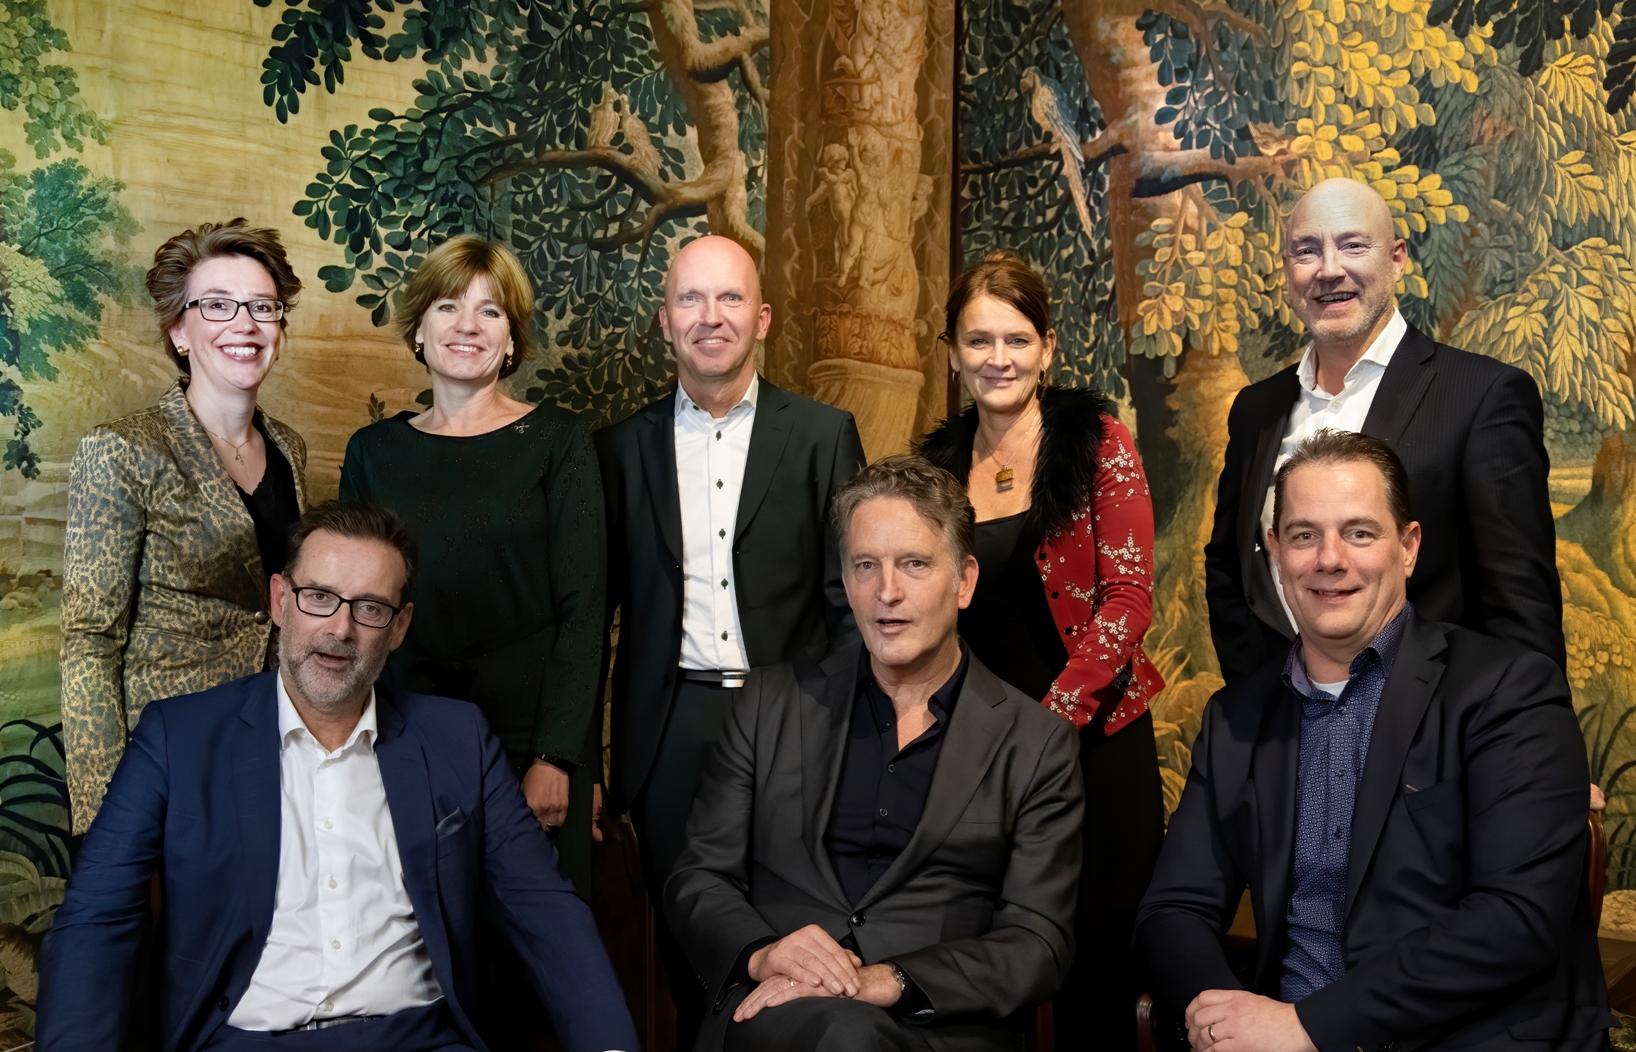 Een portret van: Hans Adriani (voorzitter Taskforce), Heleen Stigter (secretaris), Marleen Damen (VNG), Marien de Langen (Aedes), Cees van Boven (Aedes), John Bos (ActiZ), Rick Hogenboom (ActiZ), Chris Kuijpers (ministerie BZK), Marieke Kleiboer (ministerie VWS)